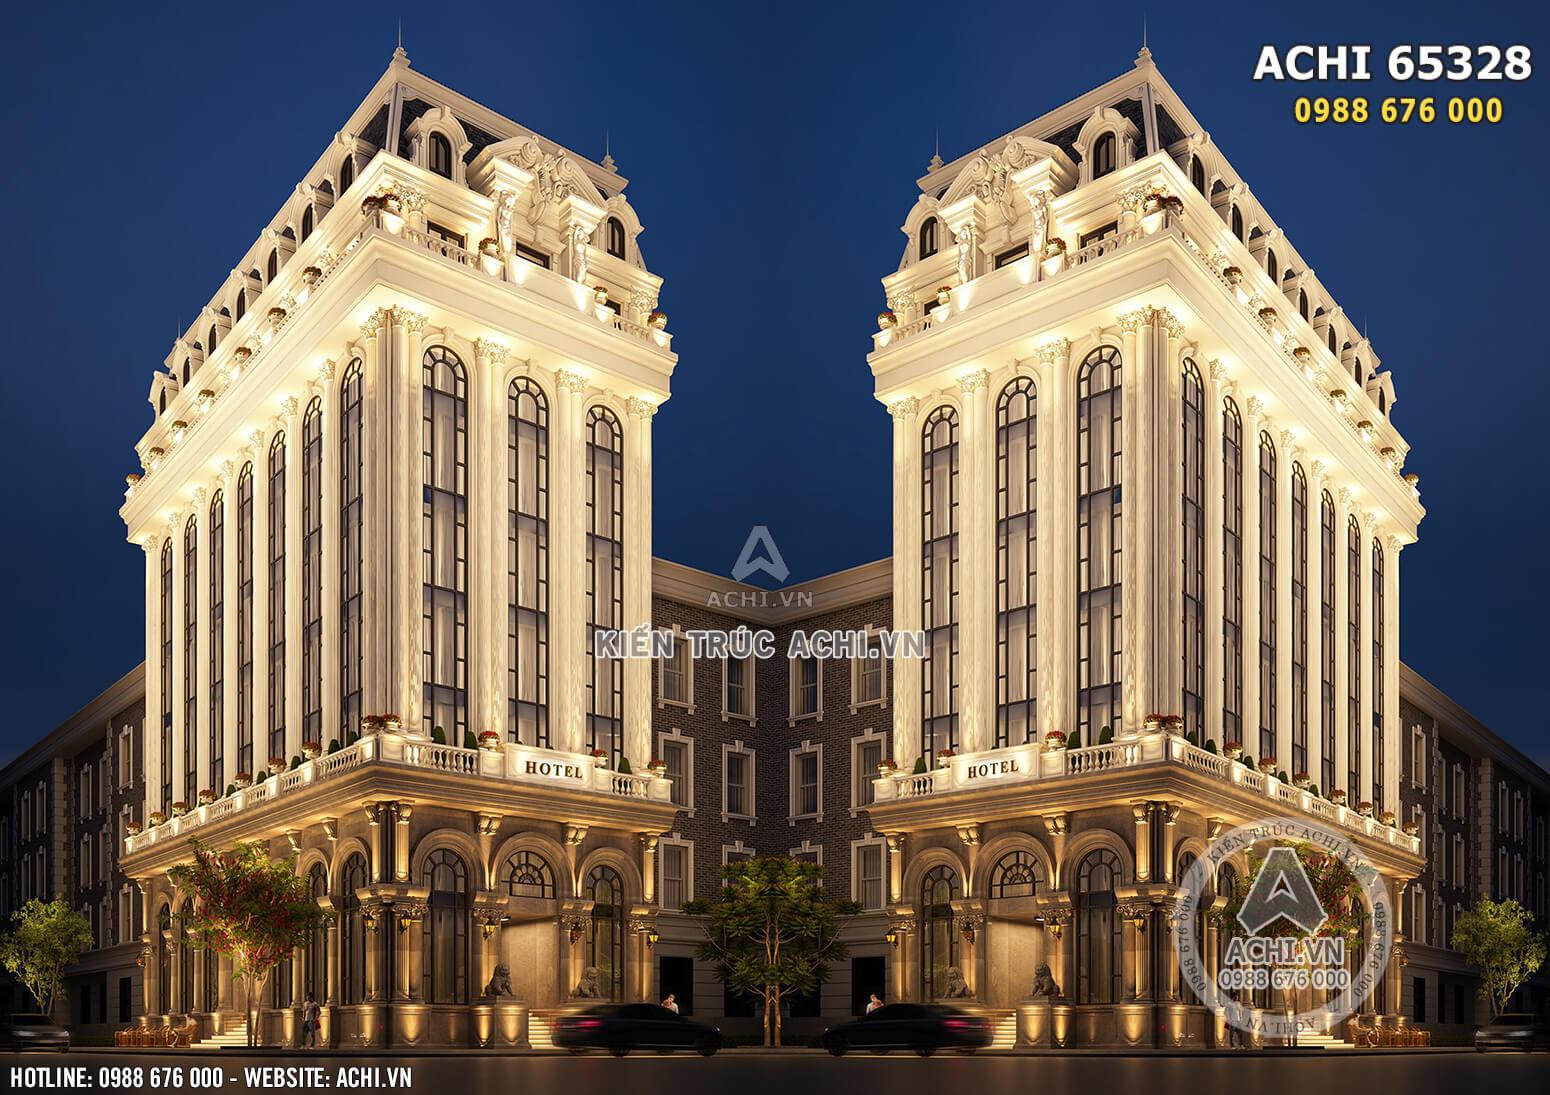 Hình ảnh: Không gian kiến trúc tân cổ tuyệt đẹp của tòa khách sạn 5 sao cao cấp